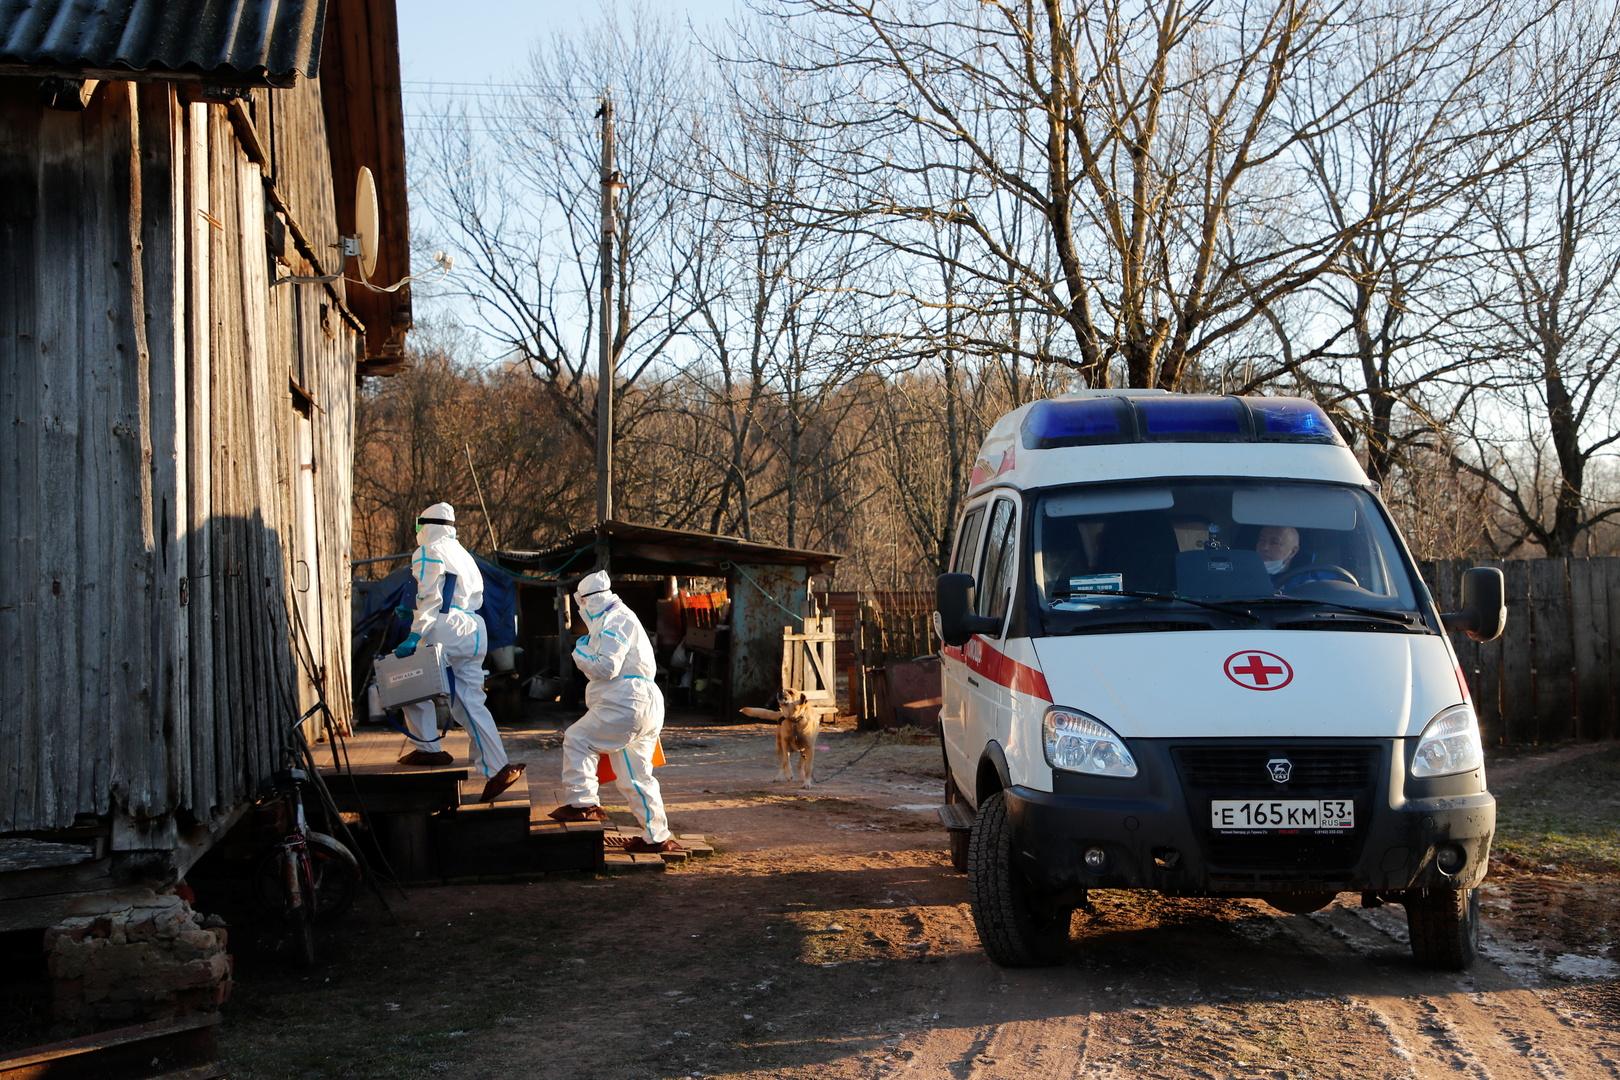 روسيا تسجل قرابة 400 وفاة و8.3 ألف إصابة بكورونا خلال 24 ساعة